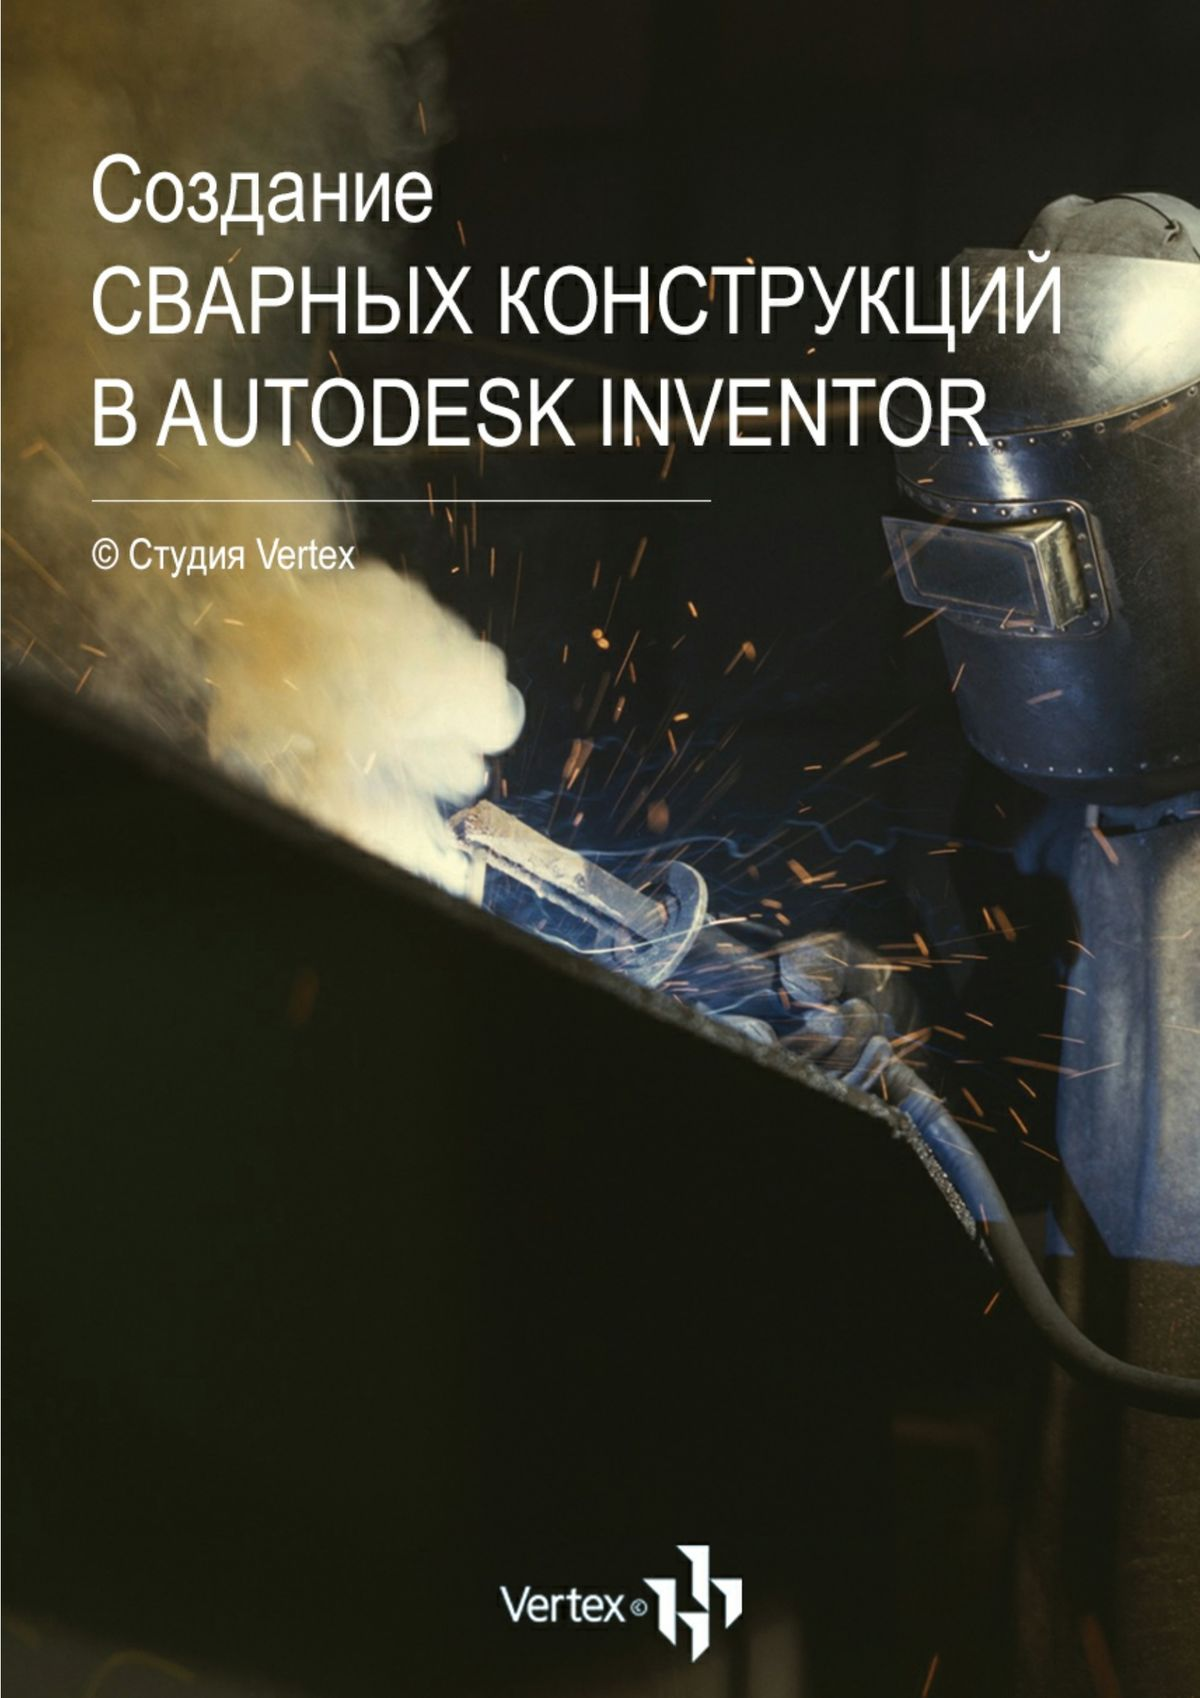 Дмитрий Зиновьев Создание сварных конструкций вAutodesk Inventor дмитрий зиновьев создание сварных конструкций вautodesk inventor